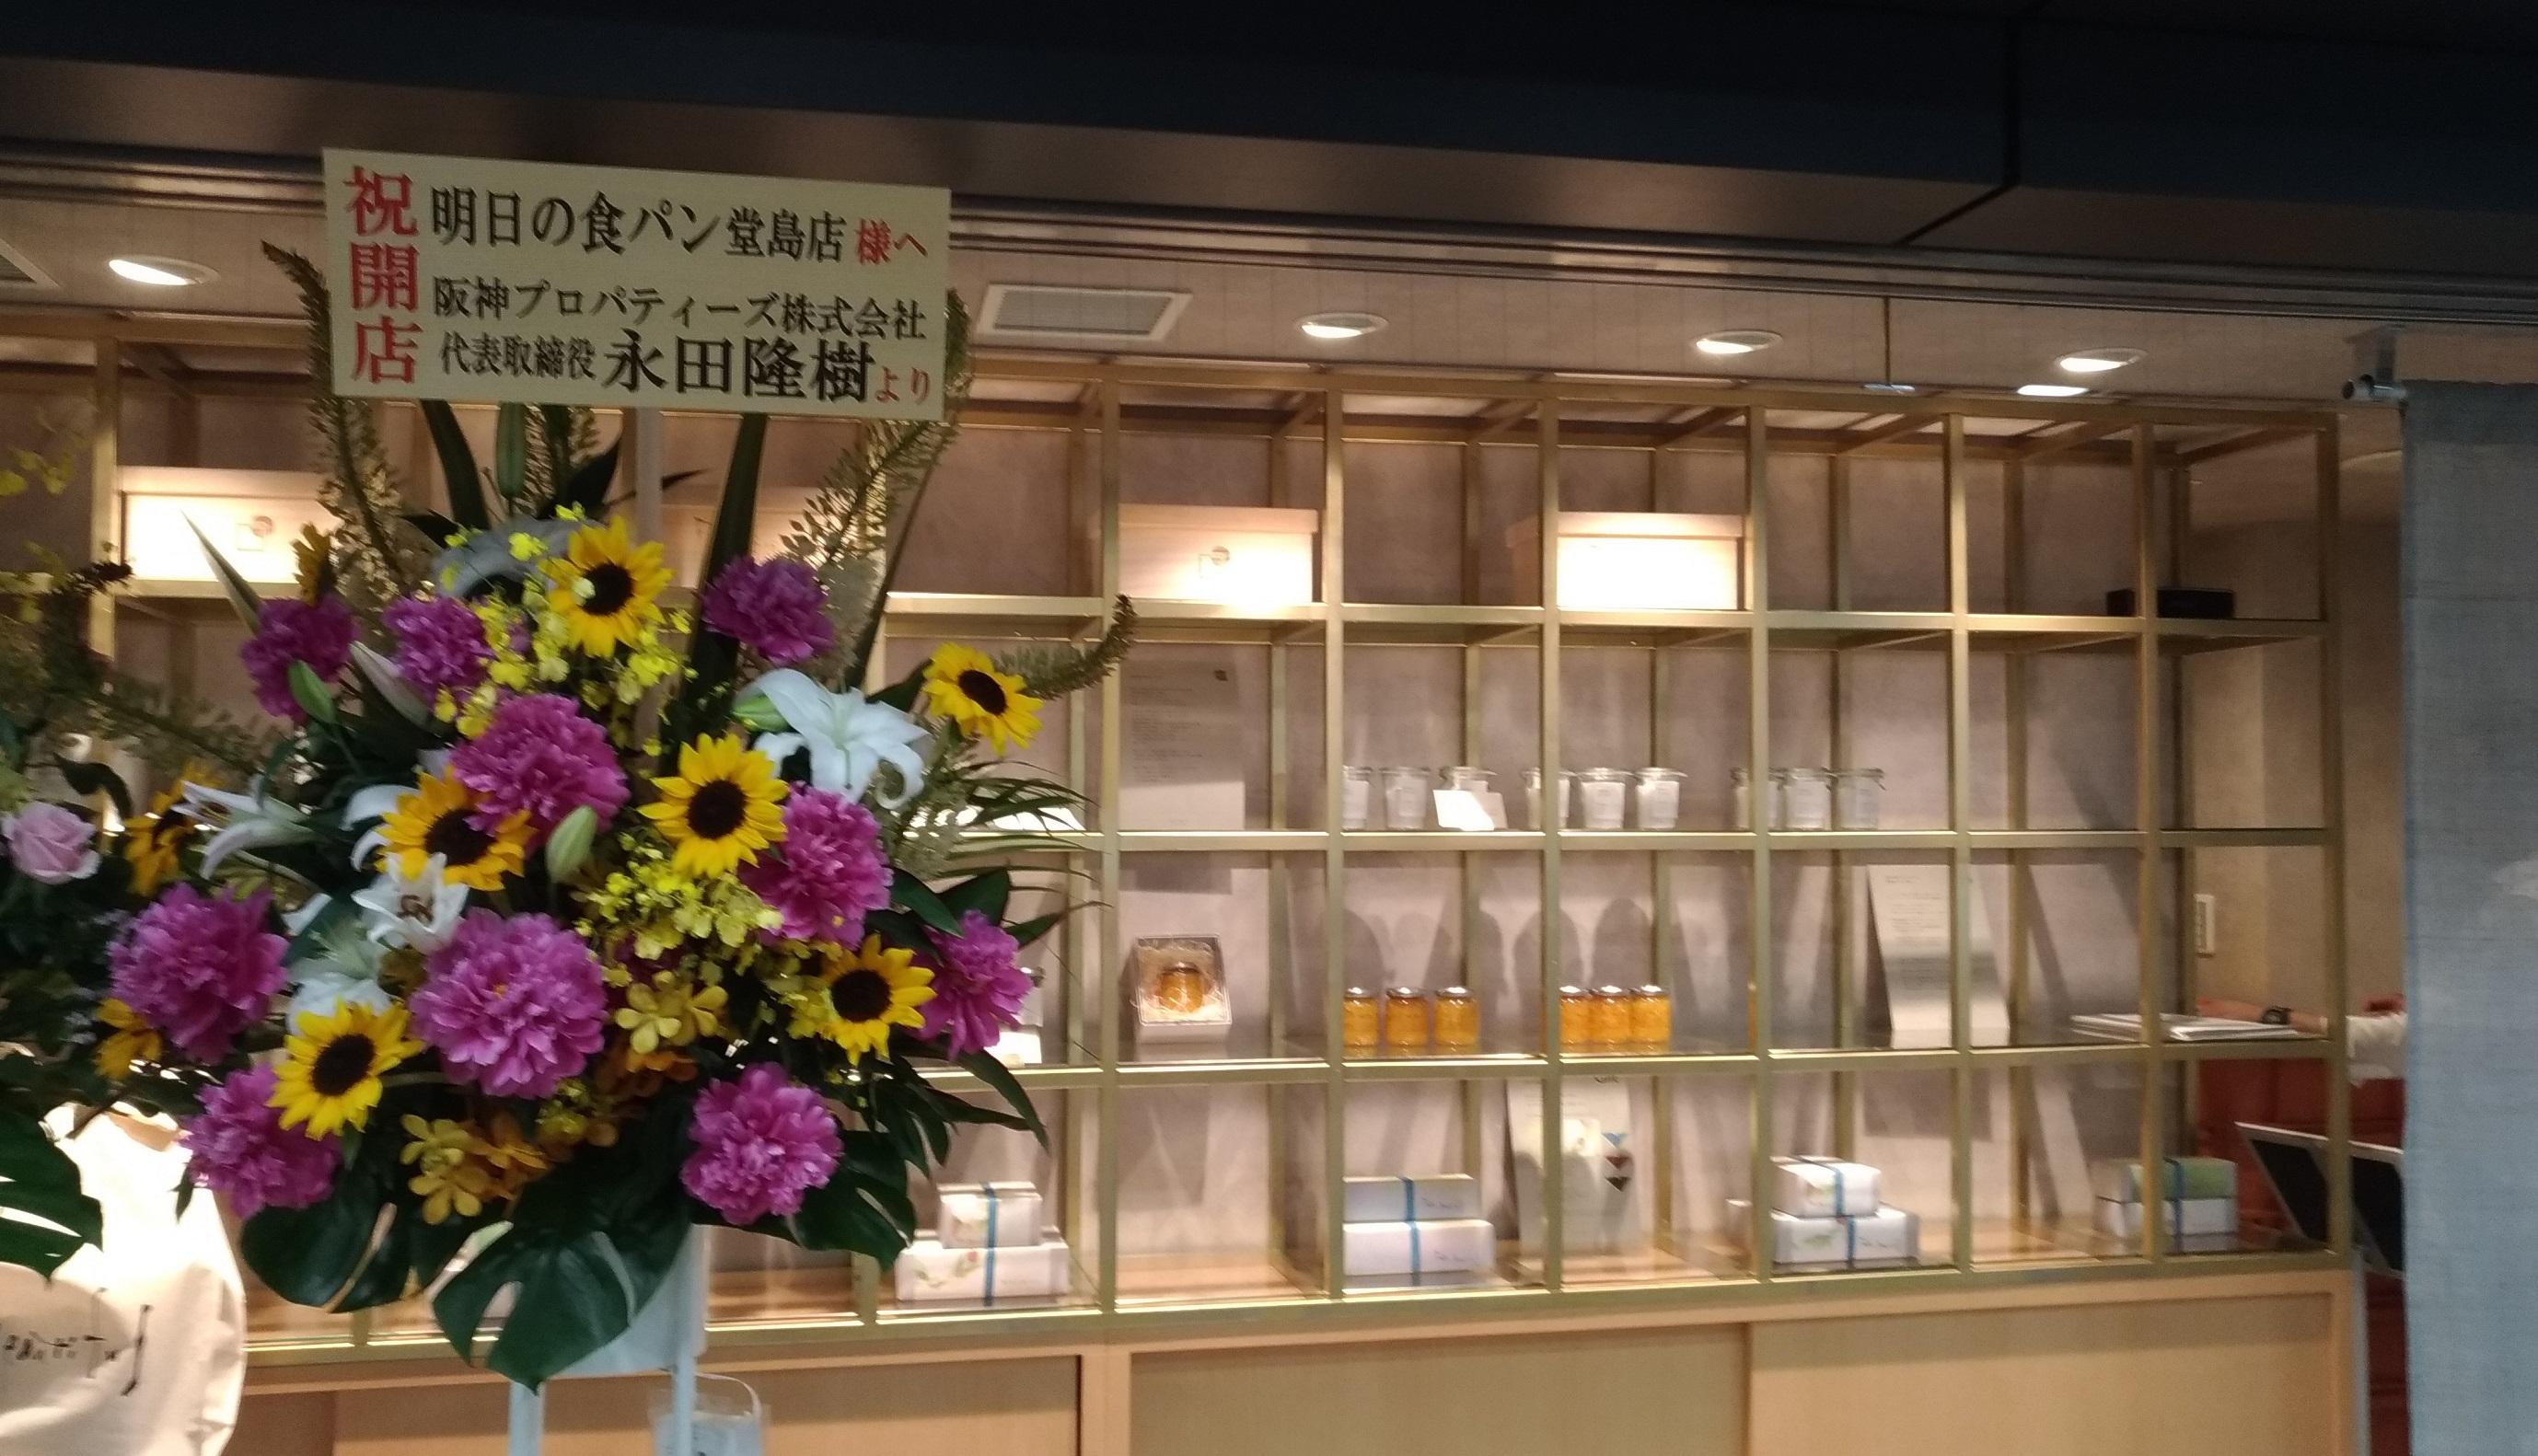 umeda_osaka_ashita_shokupan_1.jpg